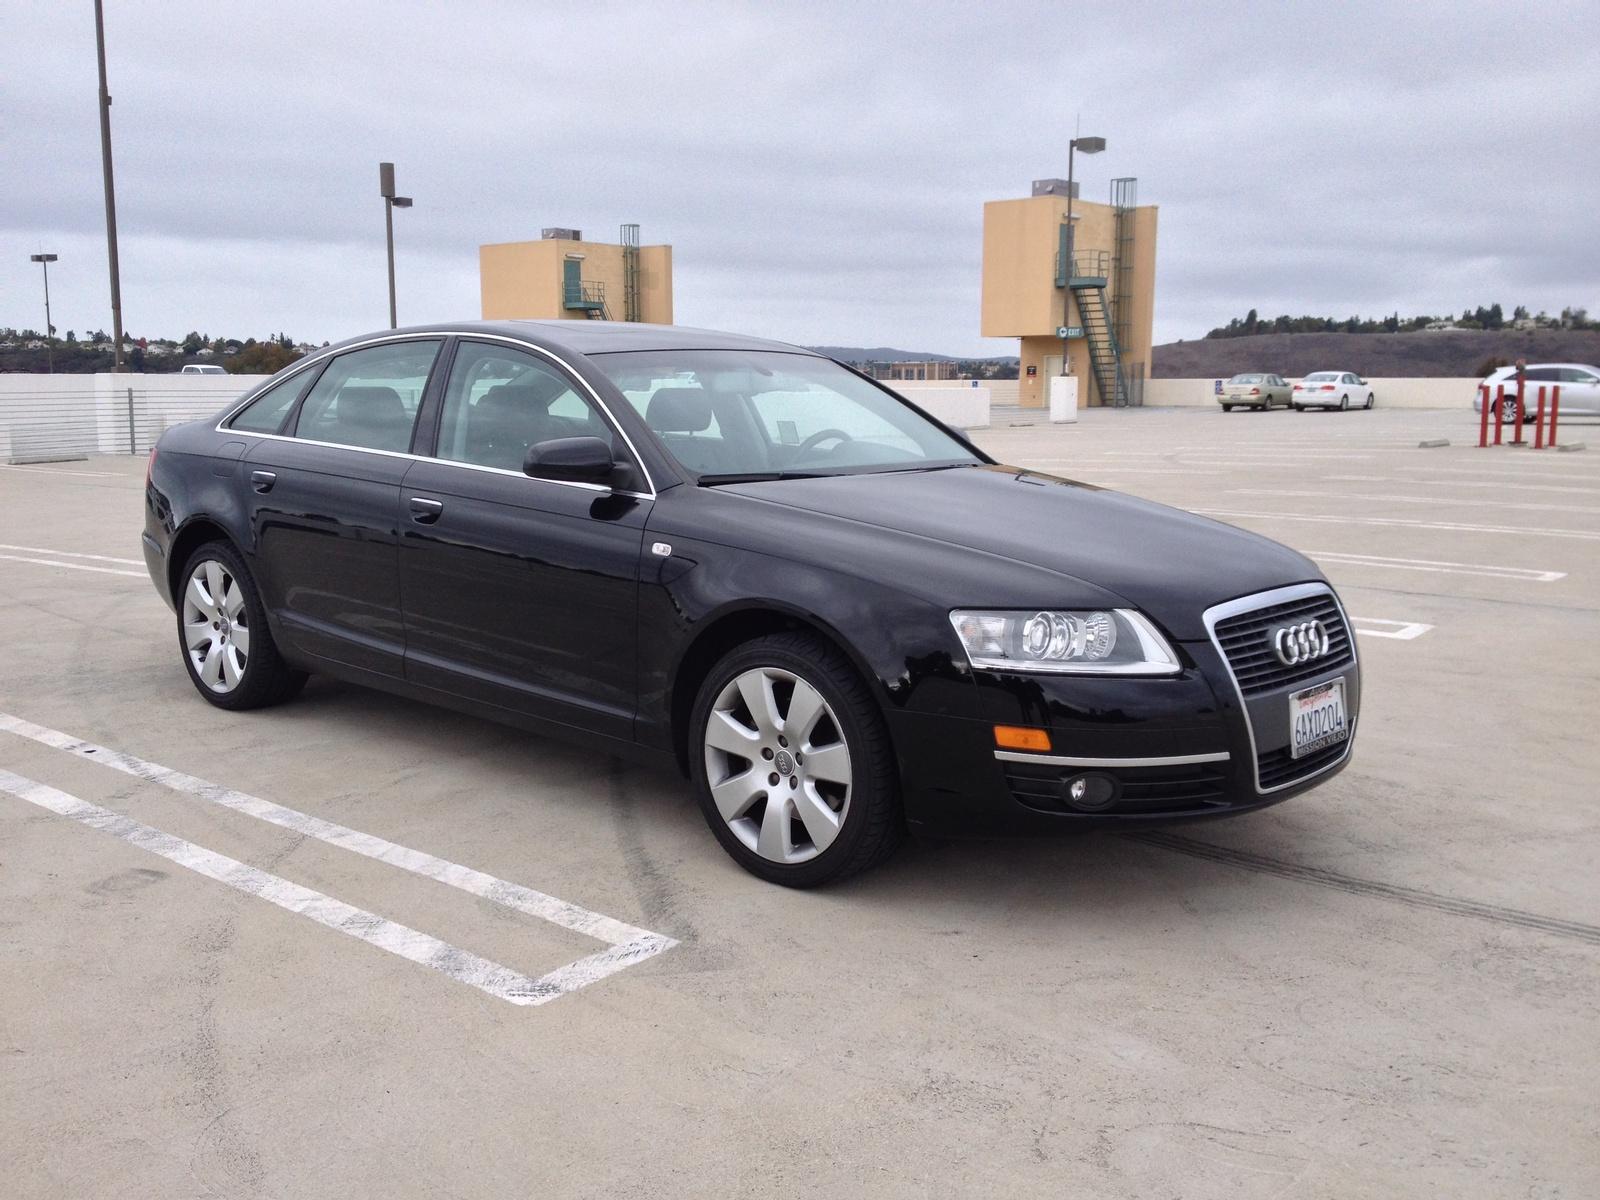 2007 Audi A6 - Pictures - CarGurus